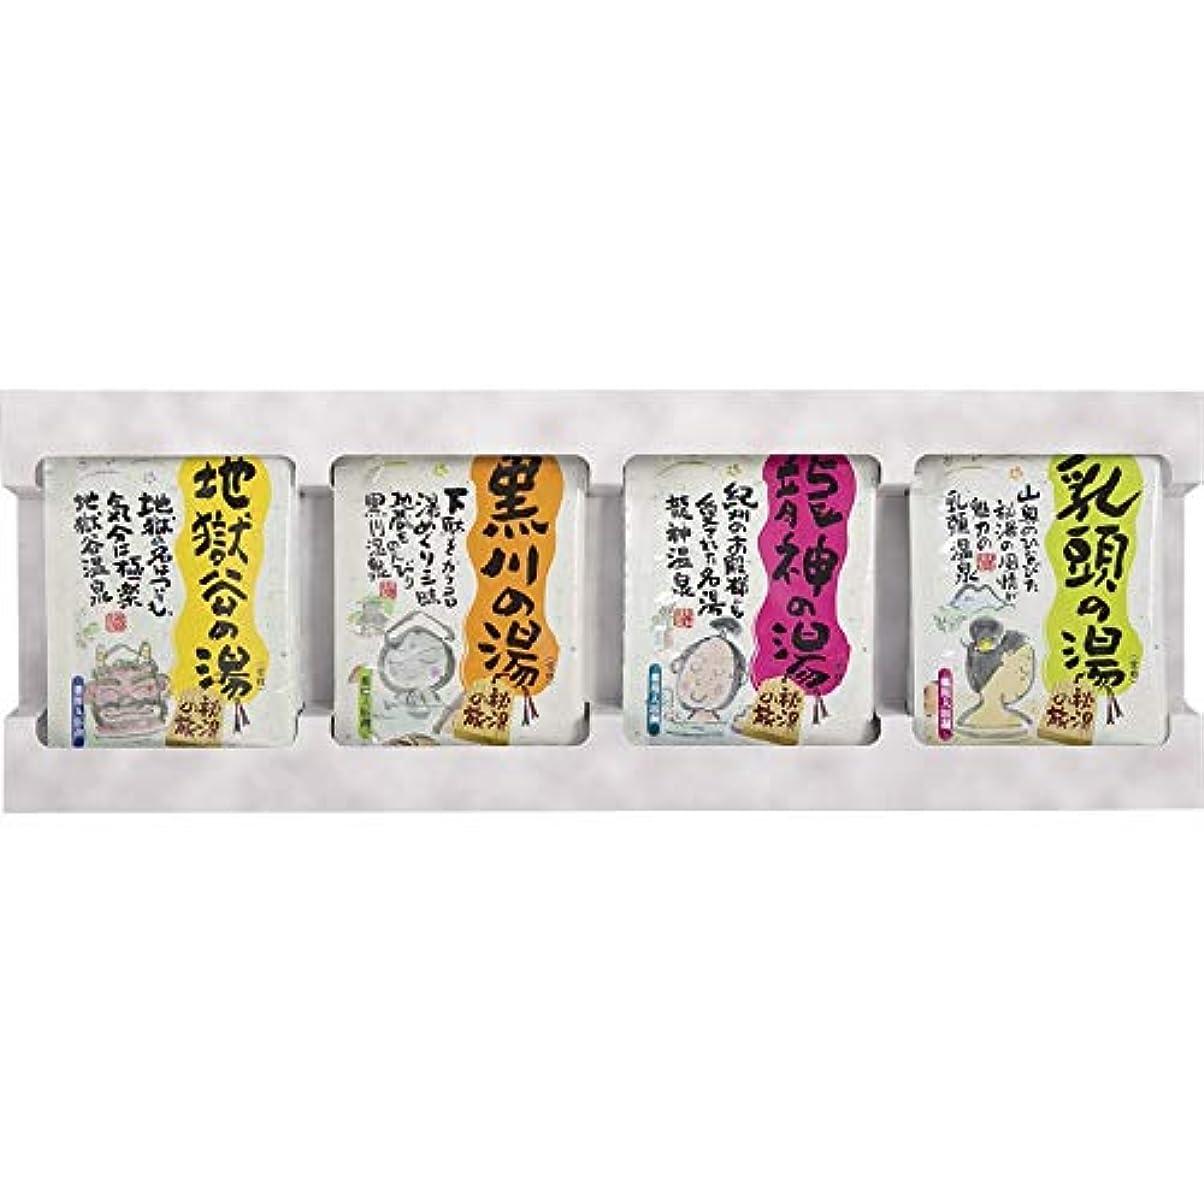 骨髄異邦人魔法薬用入浴剤秘湯の旅10P PH-10P 【やくようにゅうよくざい ひとうのたび 日本製 国産 せっと セット 10包 】